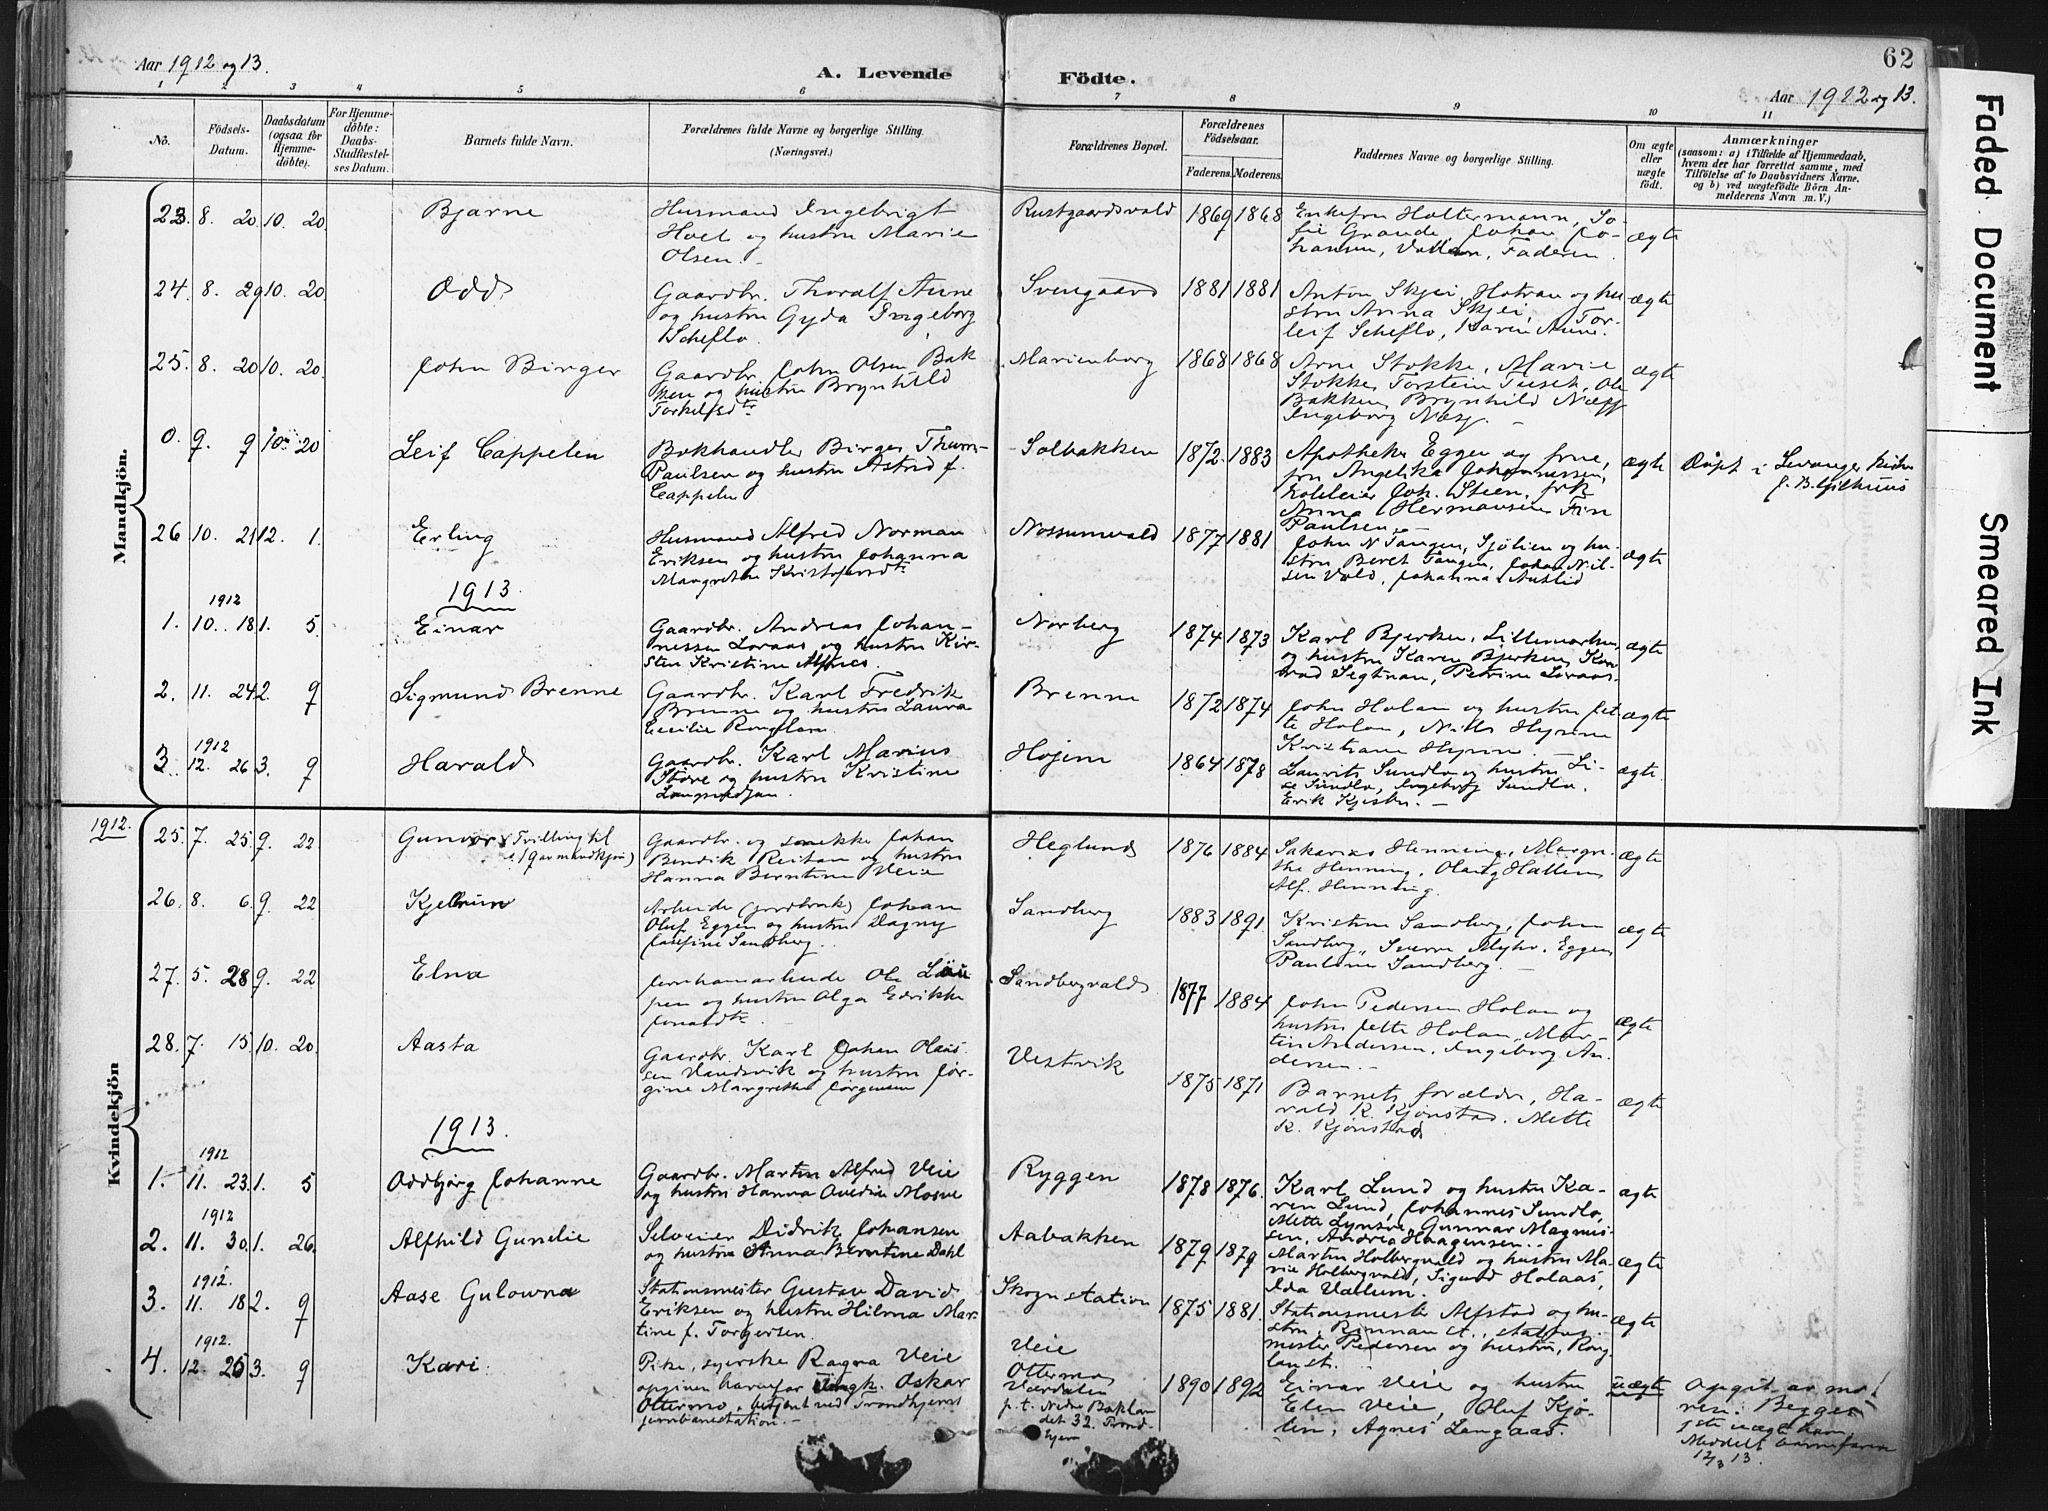 SAT, Ministerialprotokoller, klokkerbøker og fødselsregistre - Nord-Trøndelag, 717/L0162: Ministerialbok nr. 717A12, 1898-1923, s. 62